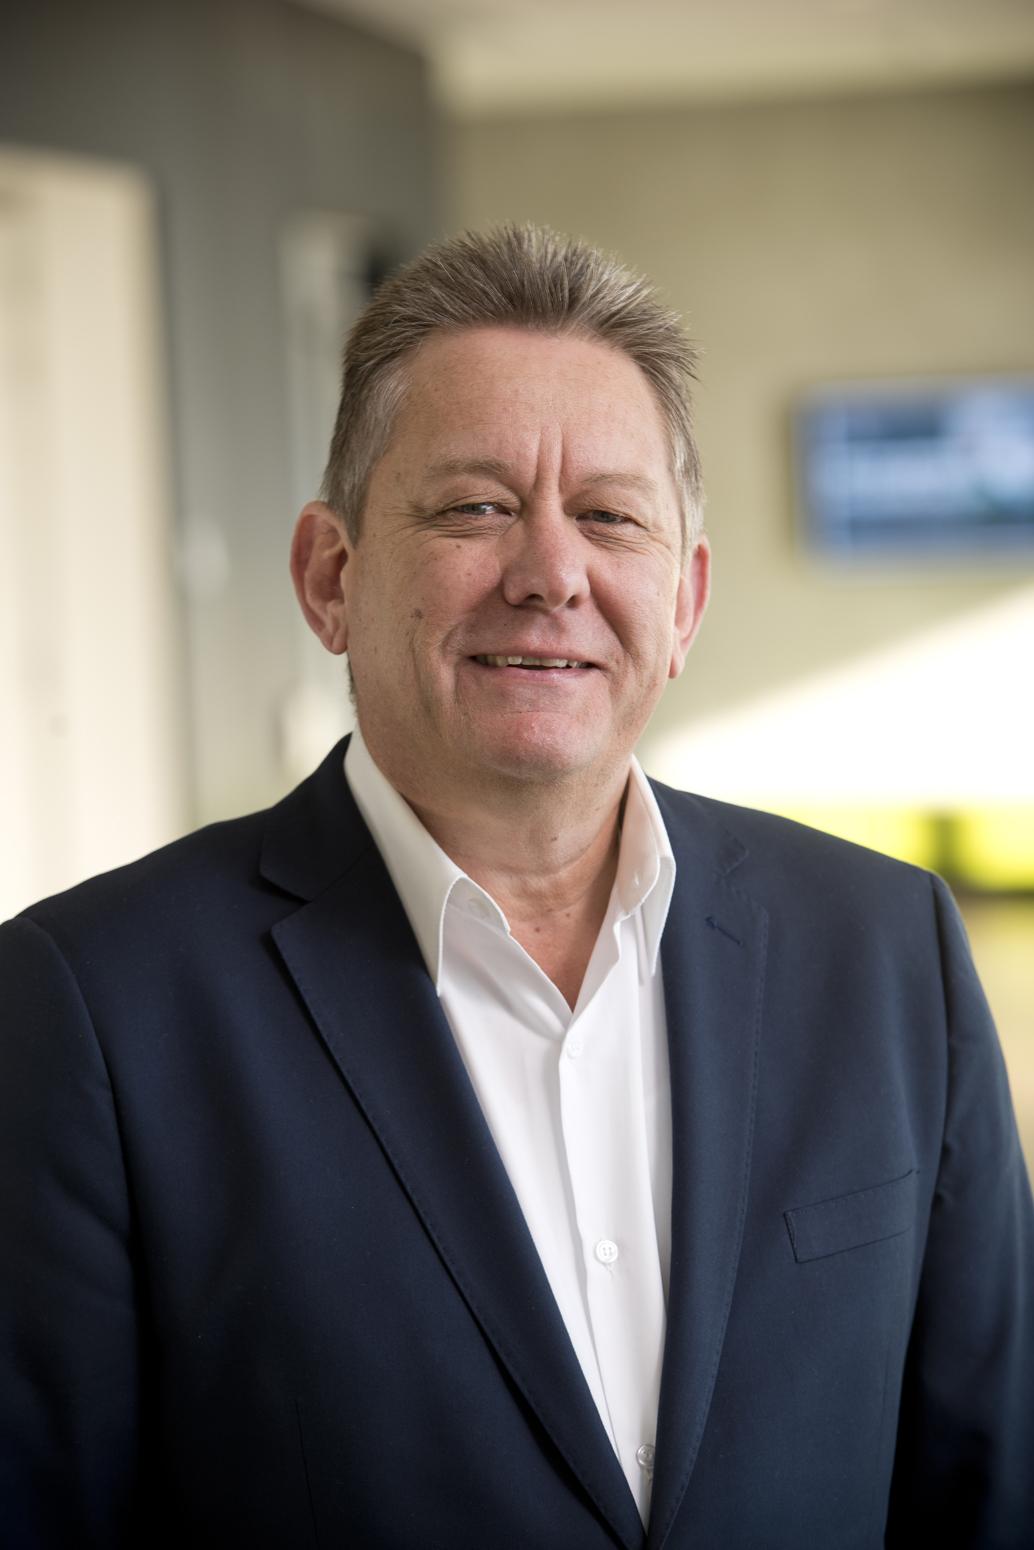 Mr Peter Bardadyn